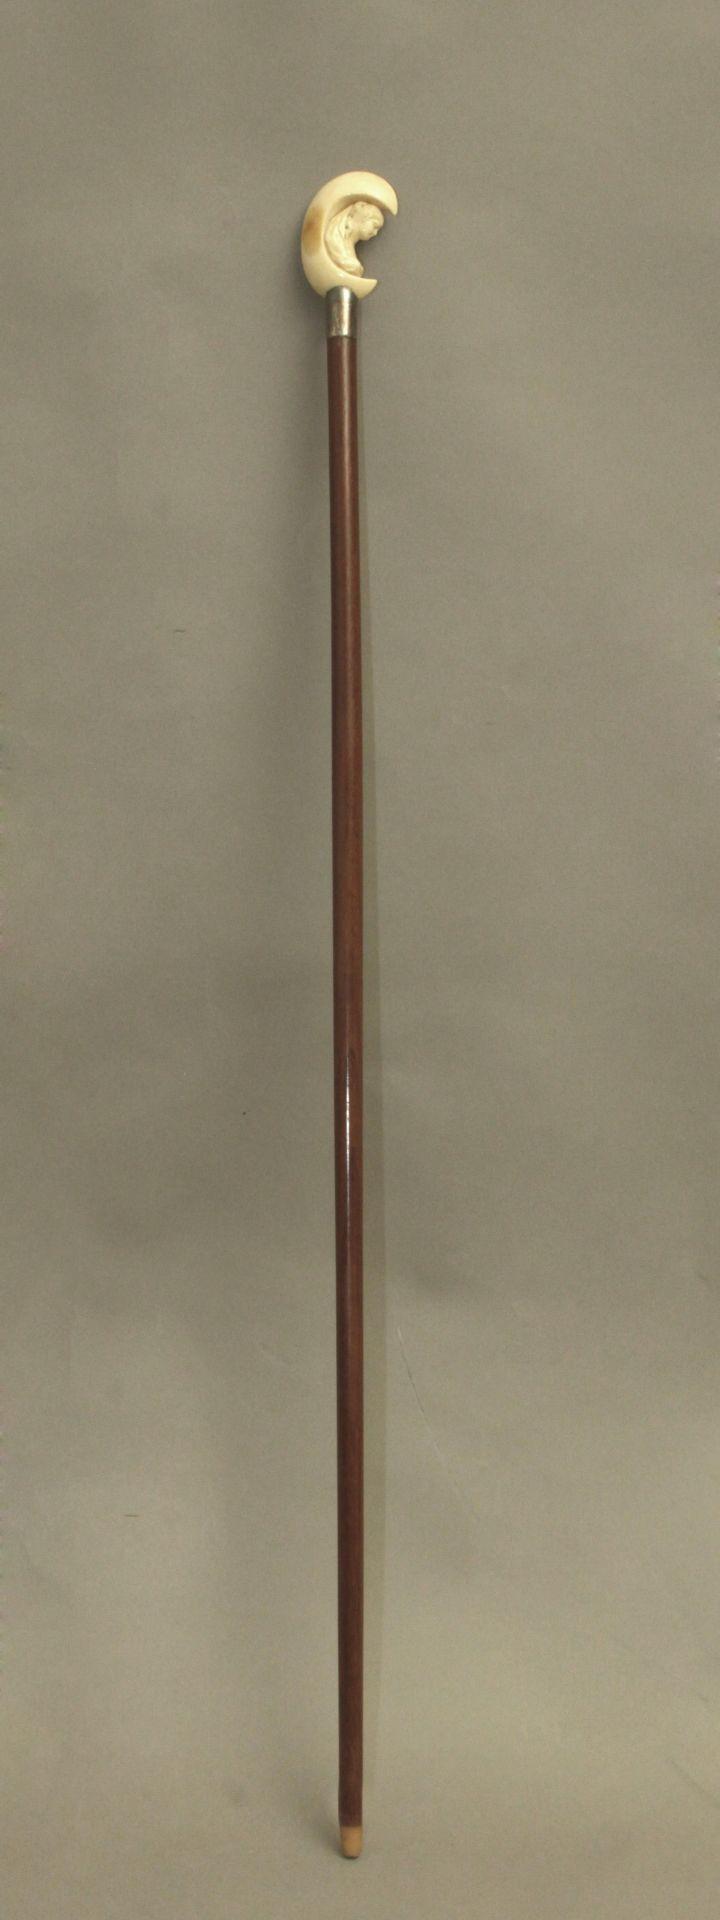 An ivory handled wlaking stick - Bild 3 aus 5